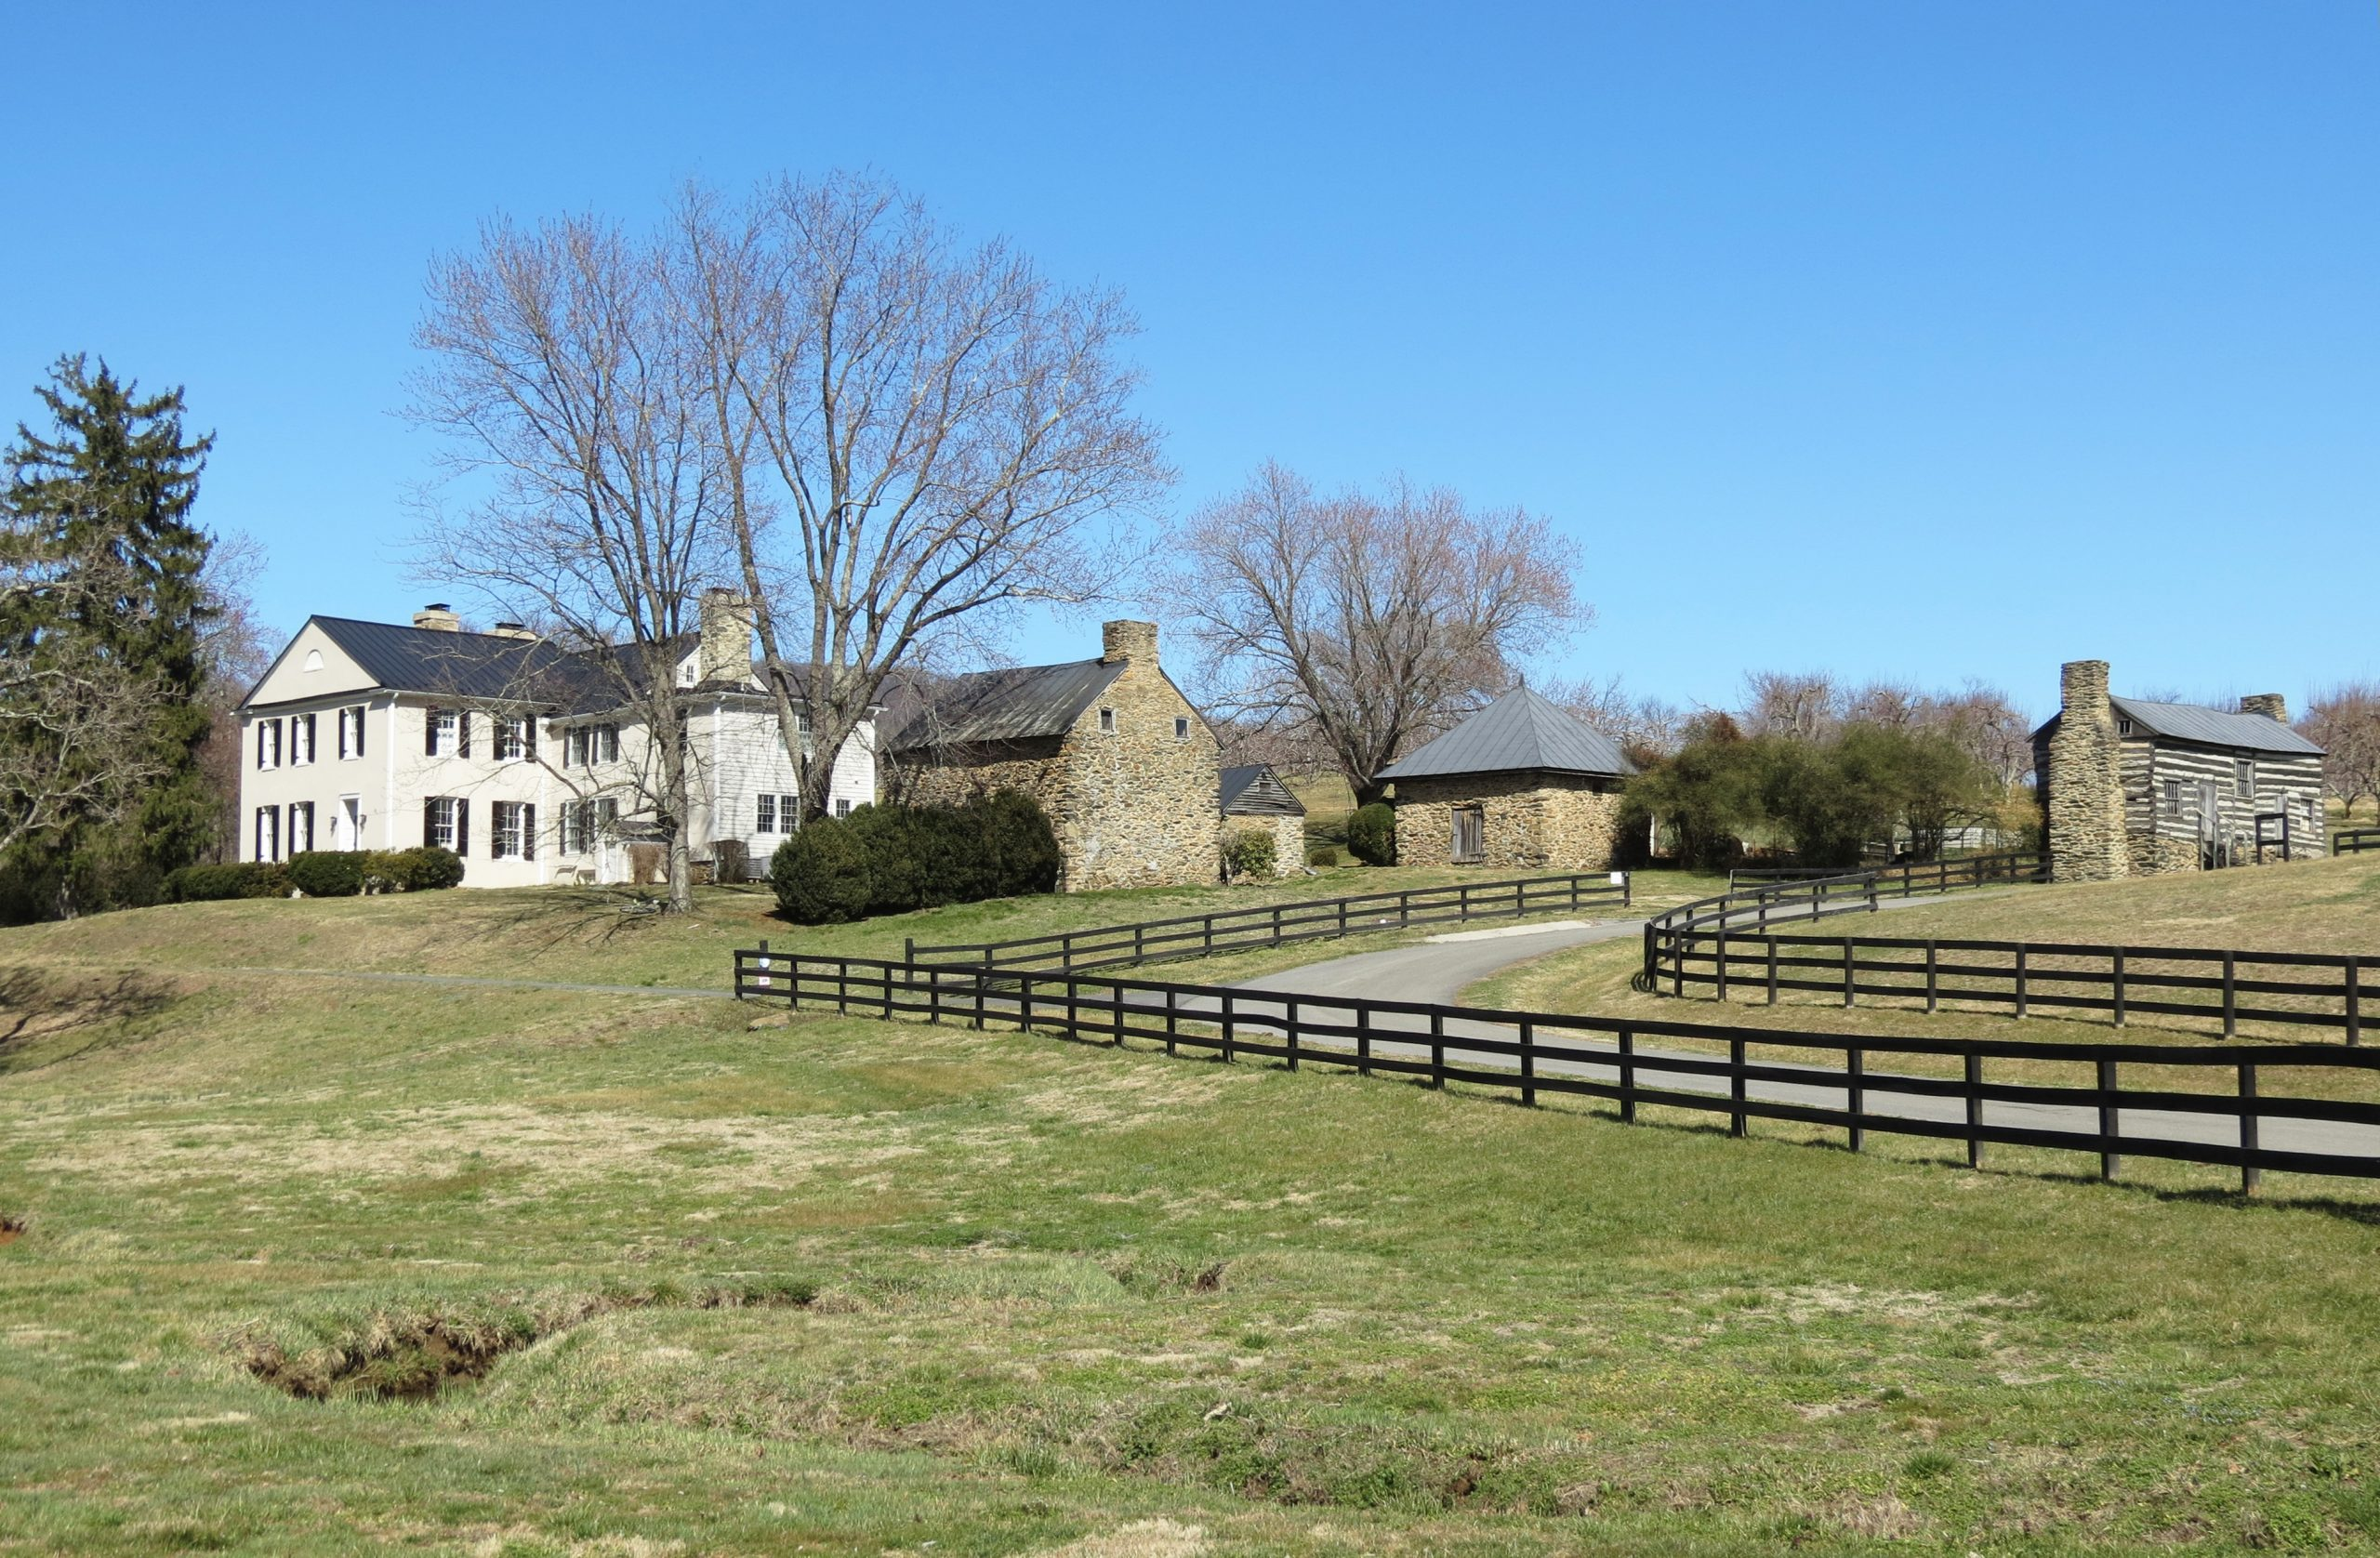 Leeds Manor Rural Historic District